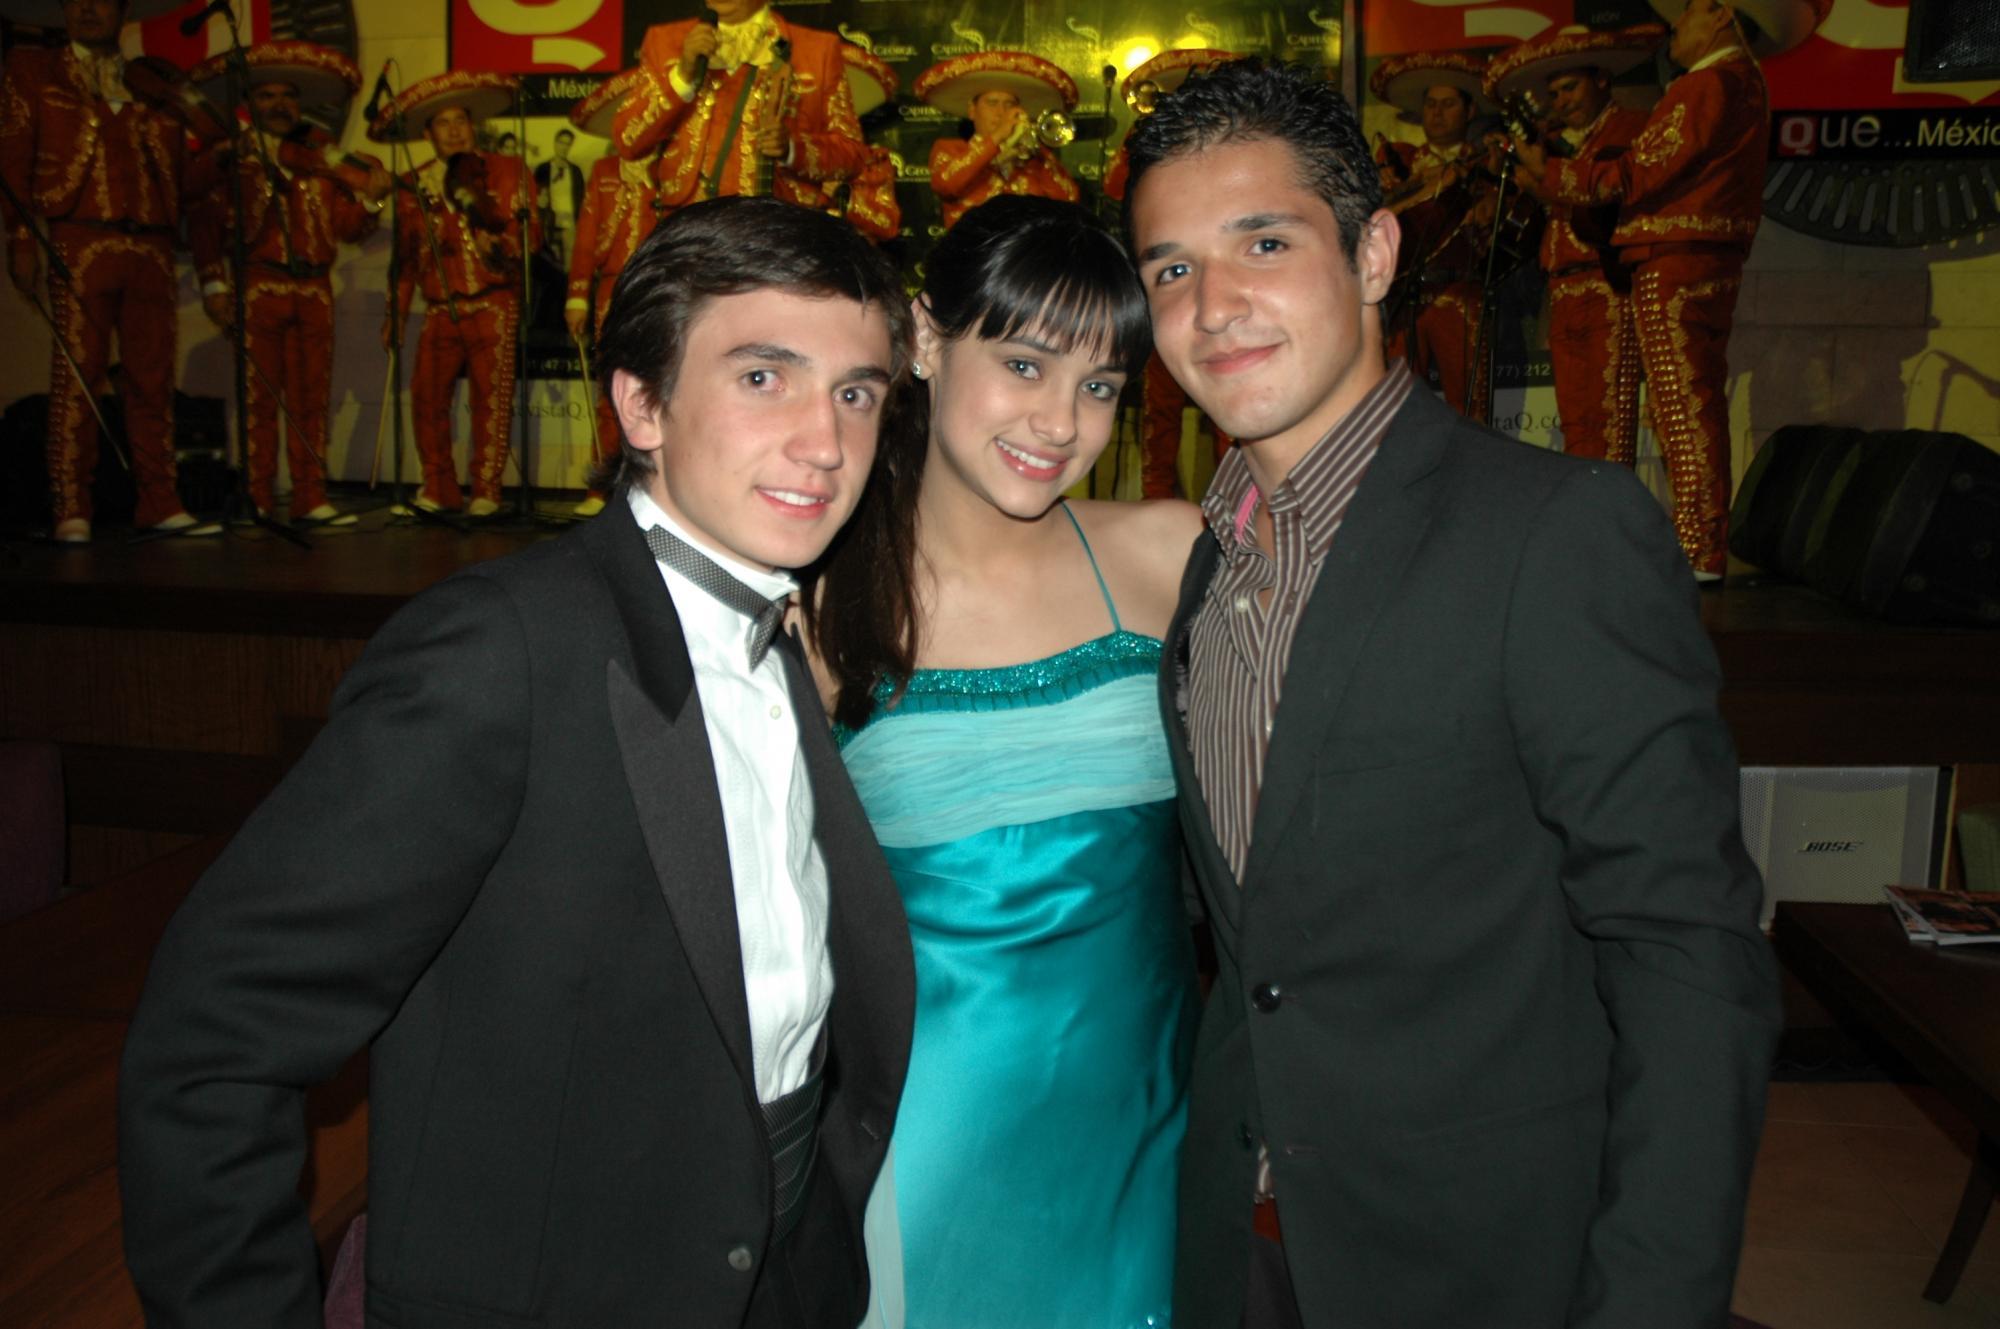 GUAPOS Y POPULARES Ludoviquito Peluche Miguel Pérez,la actriz de Un gancho al corazón Renata Notni y Gerardo Aguirre